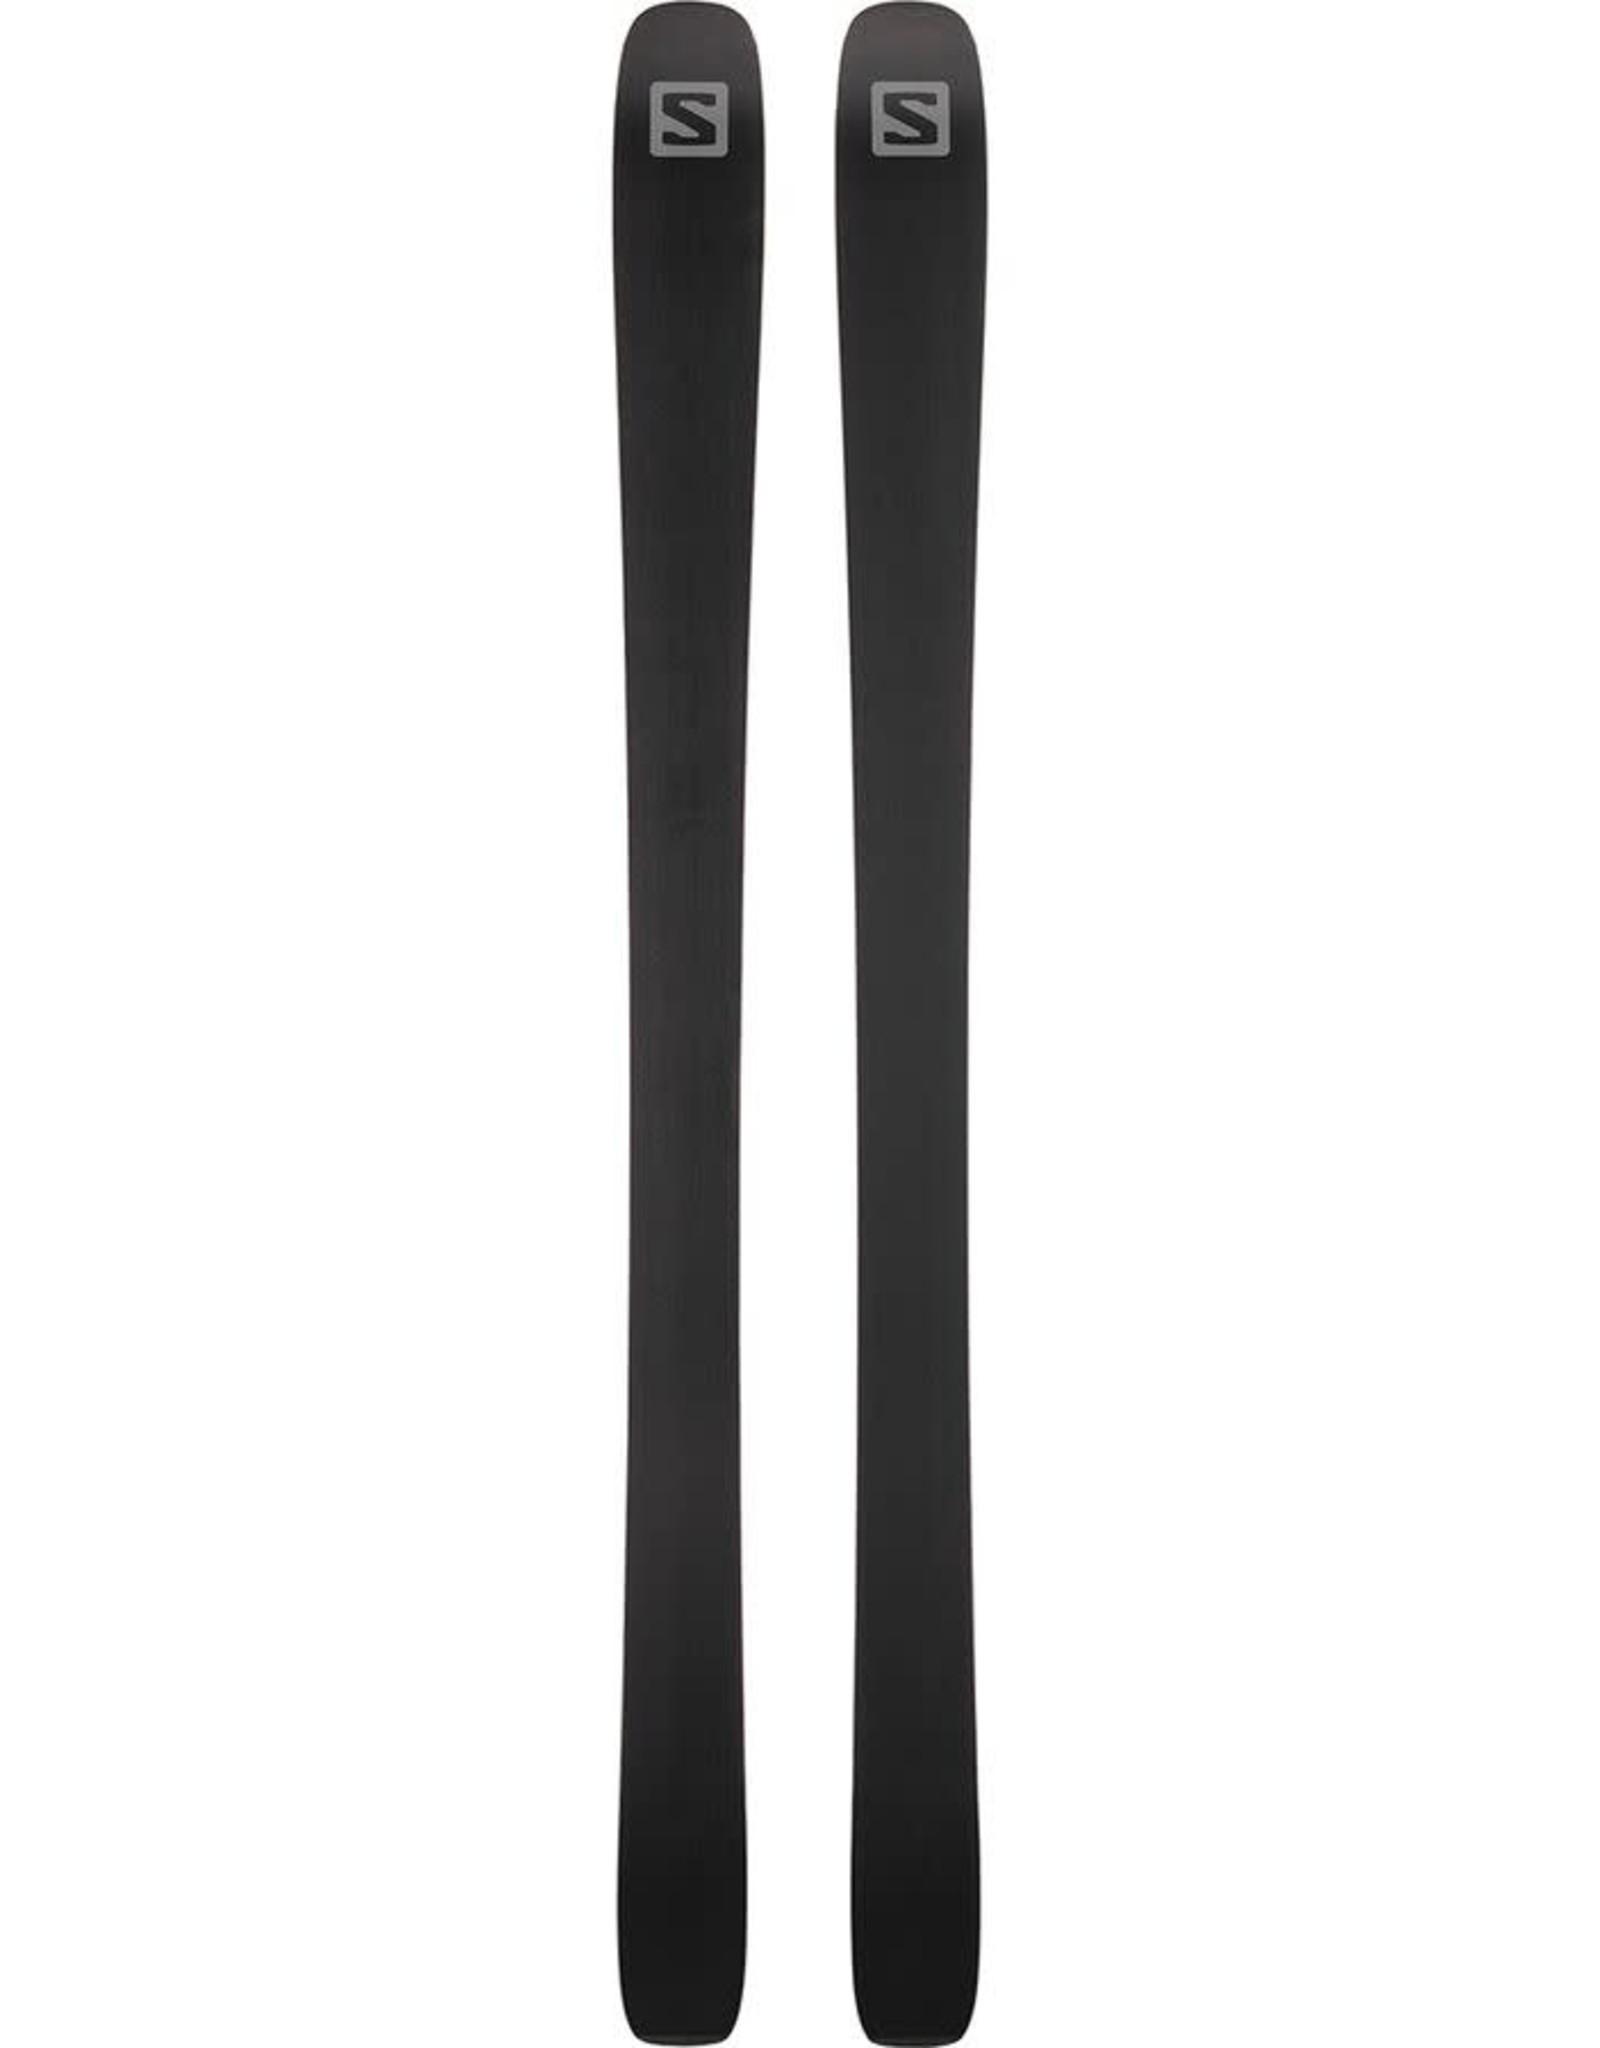 Salomon SALOMON Skis STANCE 94 W (20/21)